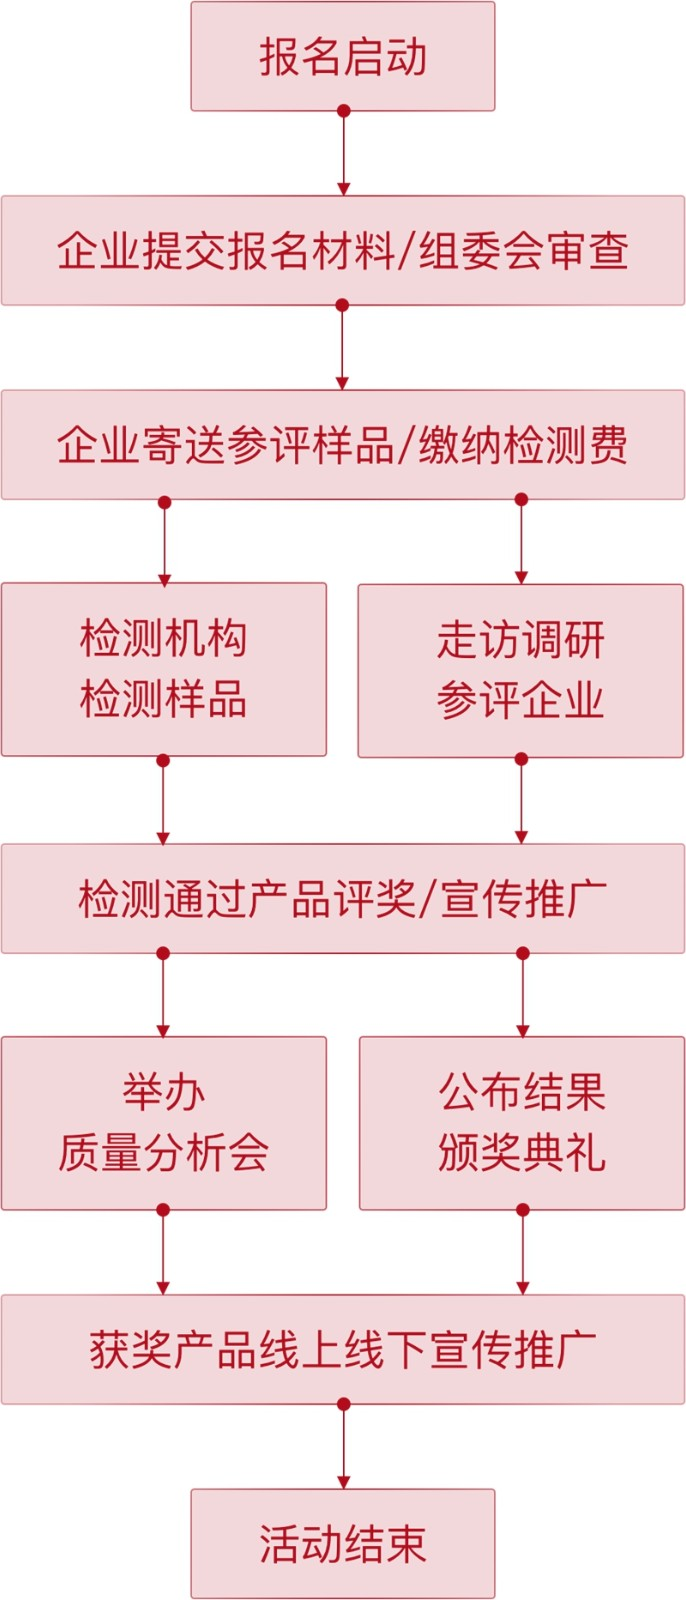 沸腾质量奖测评流程图_副本.jpg